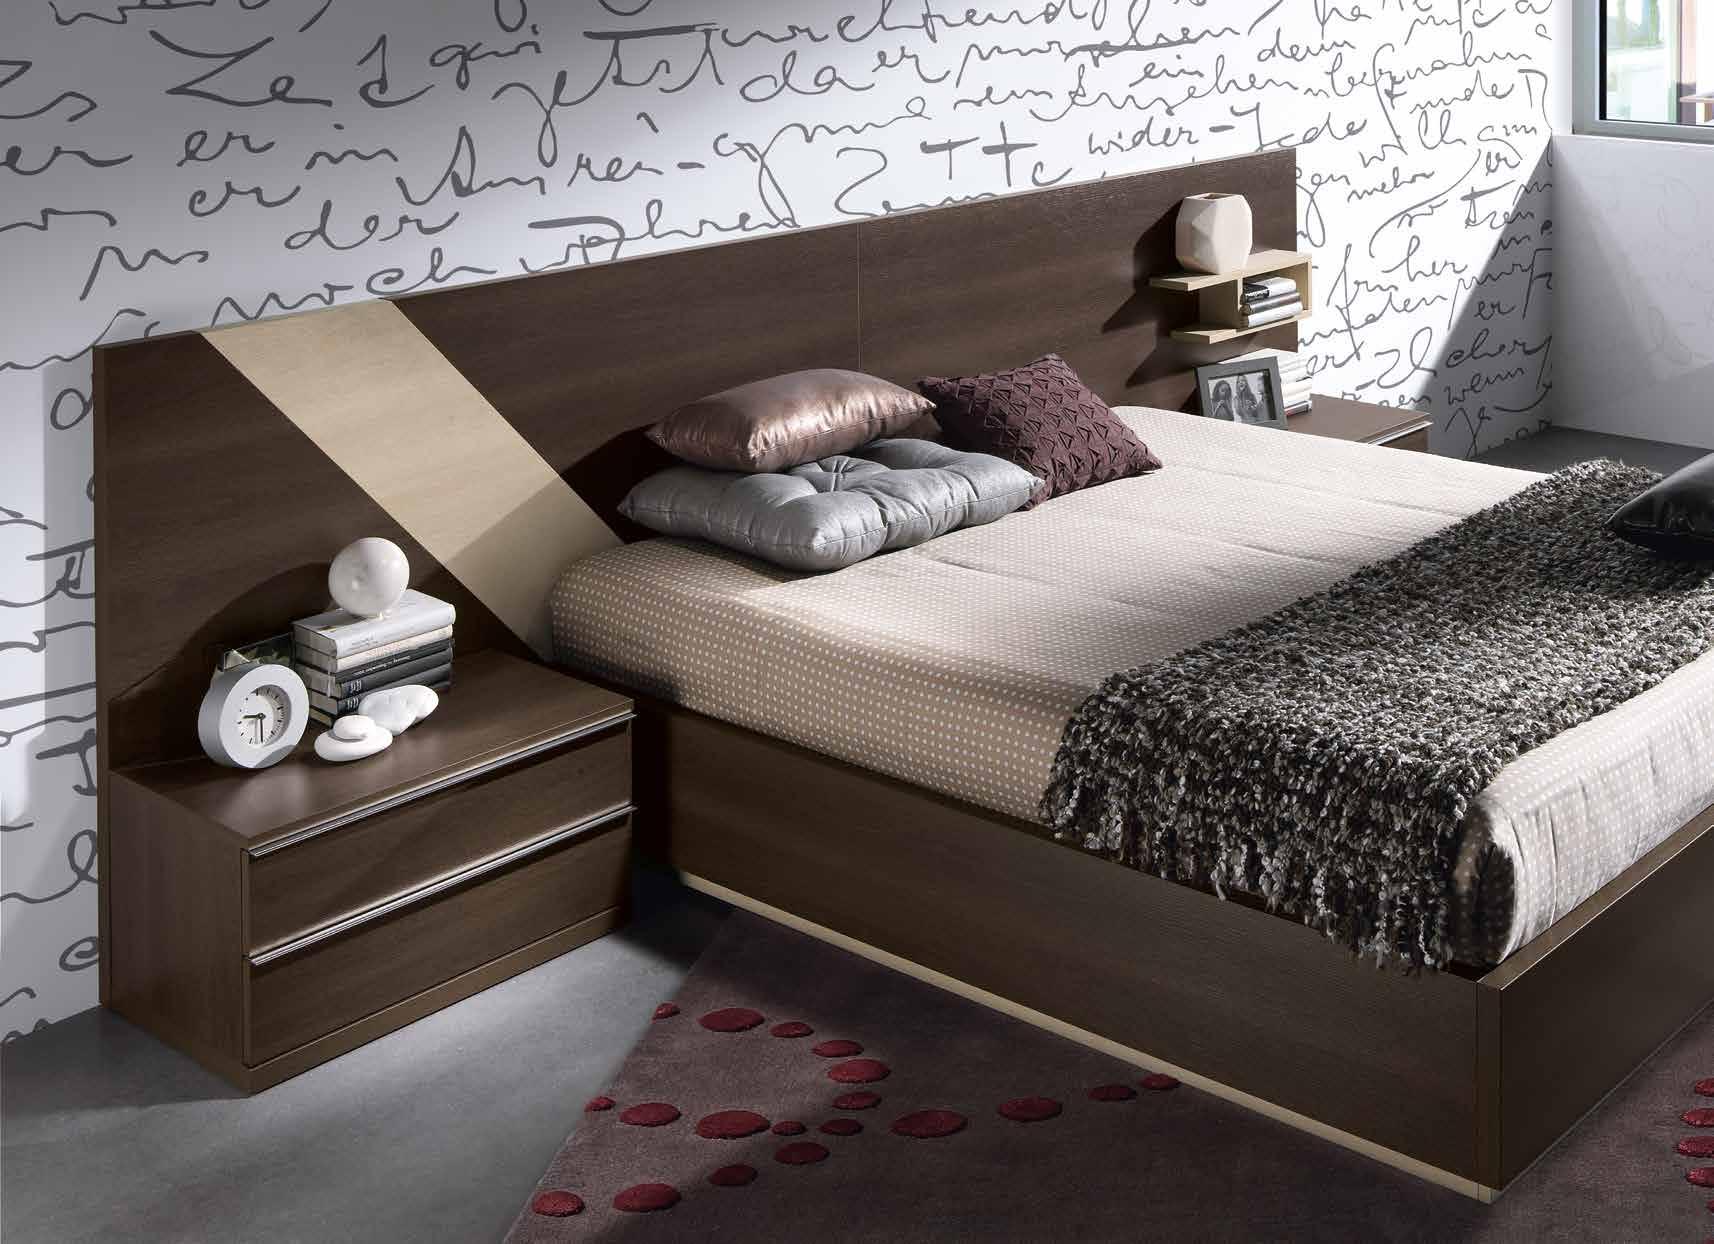 279-dormitorios-e-31